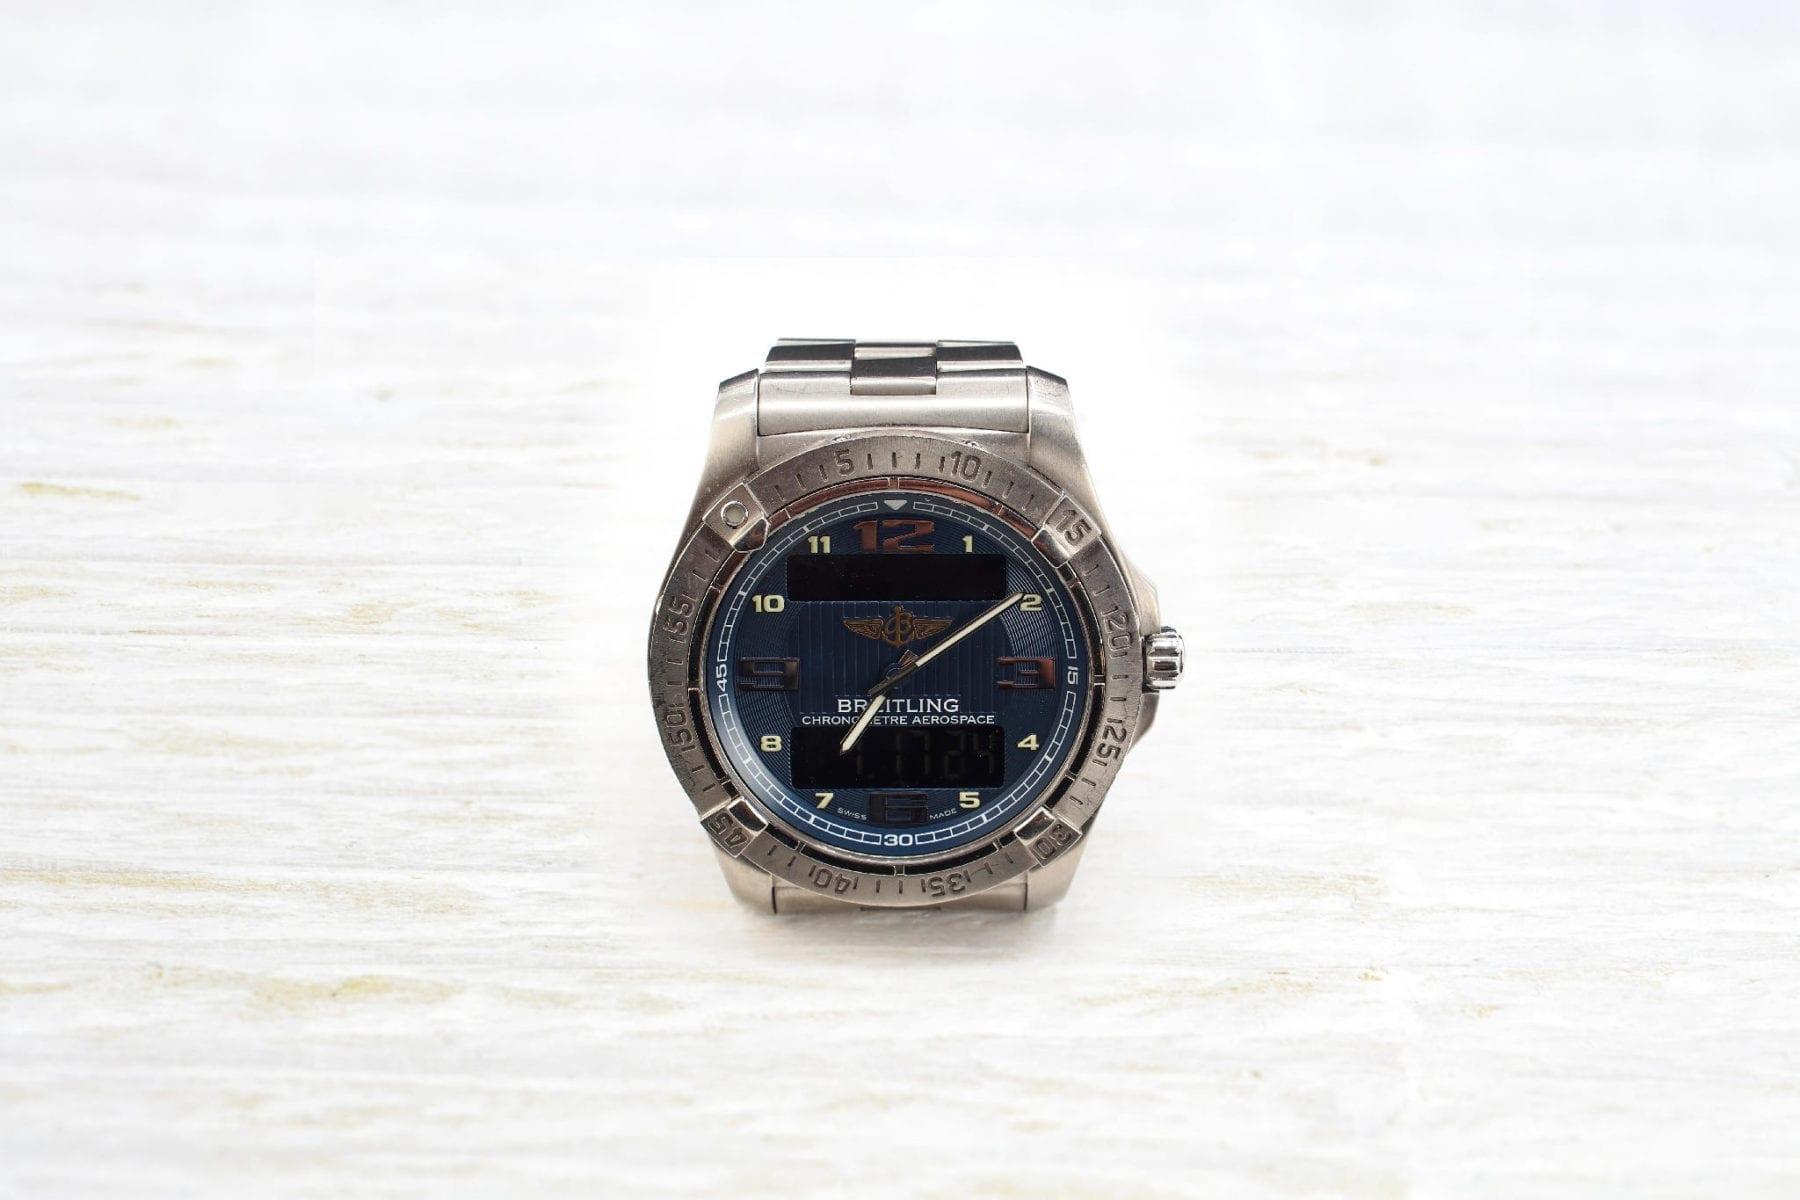 Montre Breitling Chronomètre Aerospace en titane à quartz